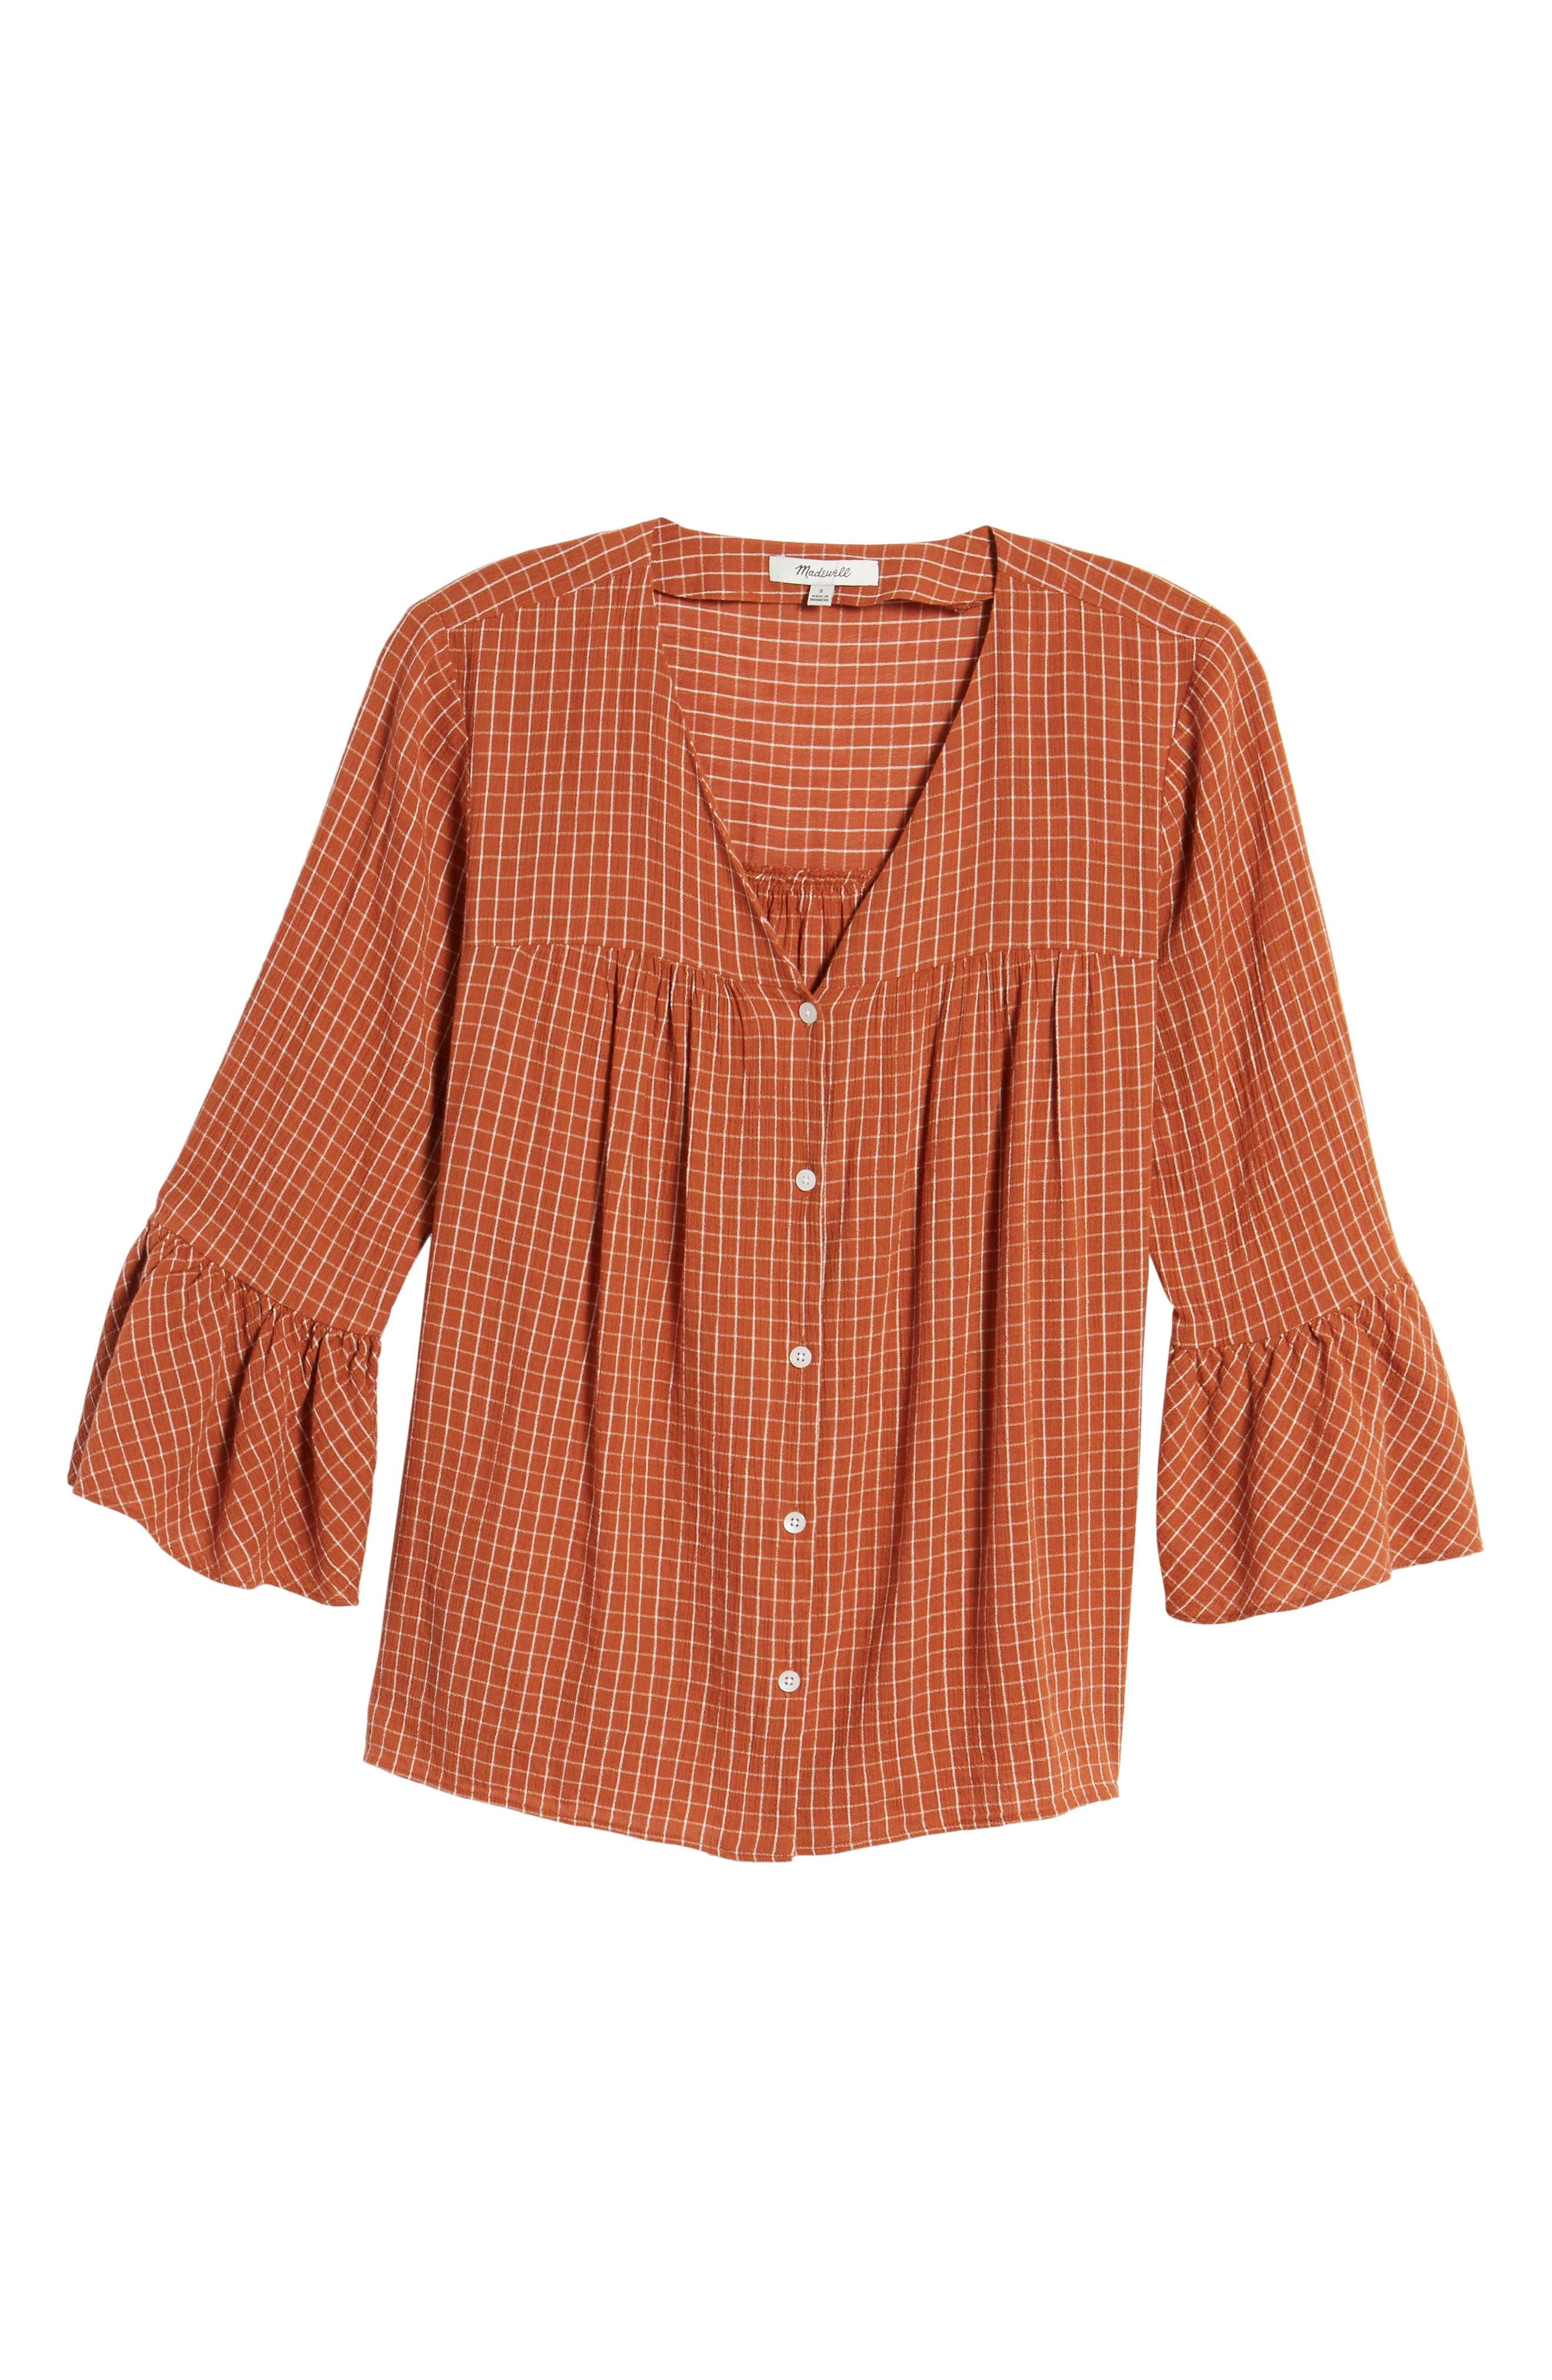 Veranda Bell Sleeve Shirt,                             Alternate thumbnail 6, color,                             800